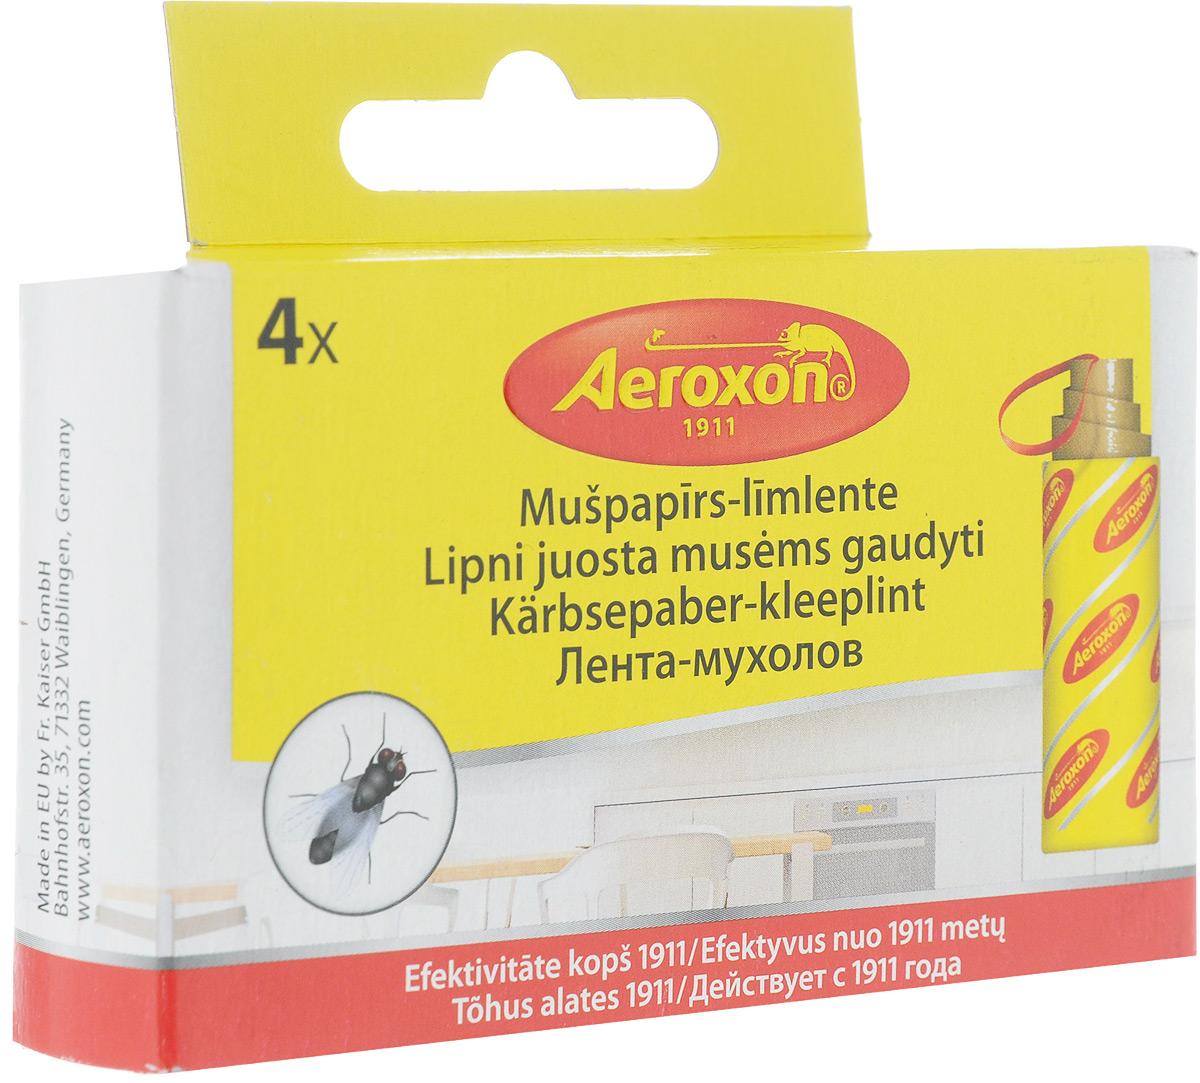 Липкая лента от мух Aeroxon, 4 шт91262Эффективное средство защиты от комаров и насекомых.Экологическая основа данного средства делает его полностью безопасным для Вашего окружения.Поможет быстро и качественно избавится от вредителей при этом не требует никаких энергозатрат.Состав: целлюлоза, клей. Комплектация: 4 ленты.